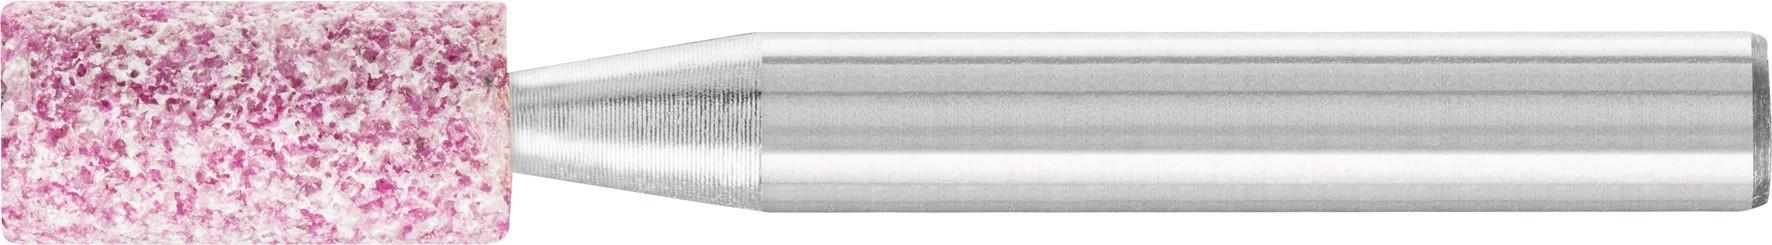 PROMAT  Schleifstift STEEL D3xH6mm 3 mm Edelkorund 100 ZY 10er PACK Stk